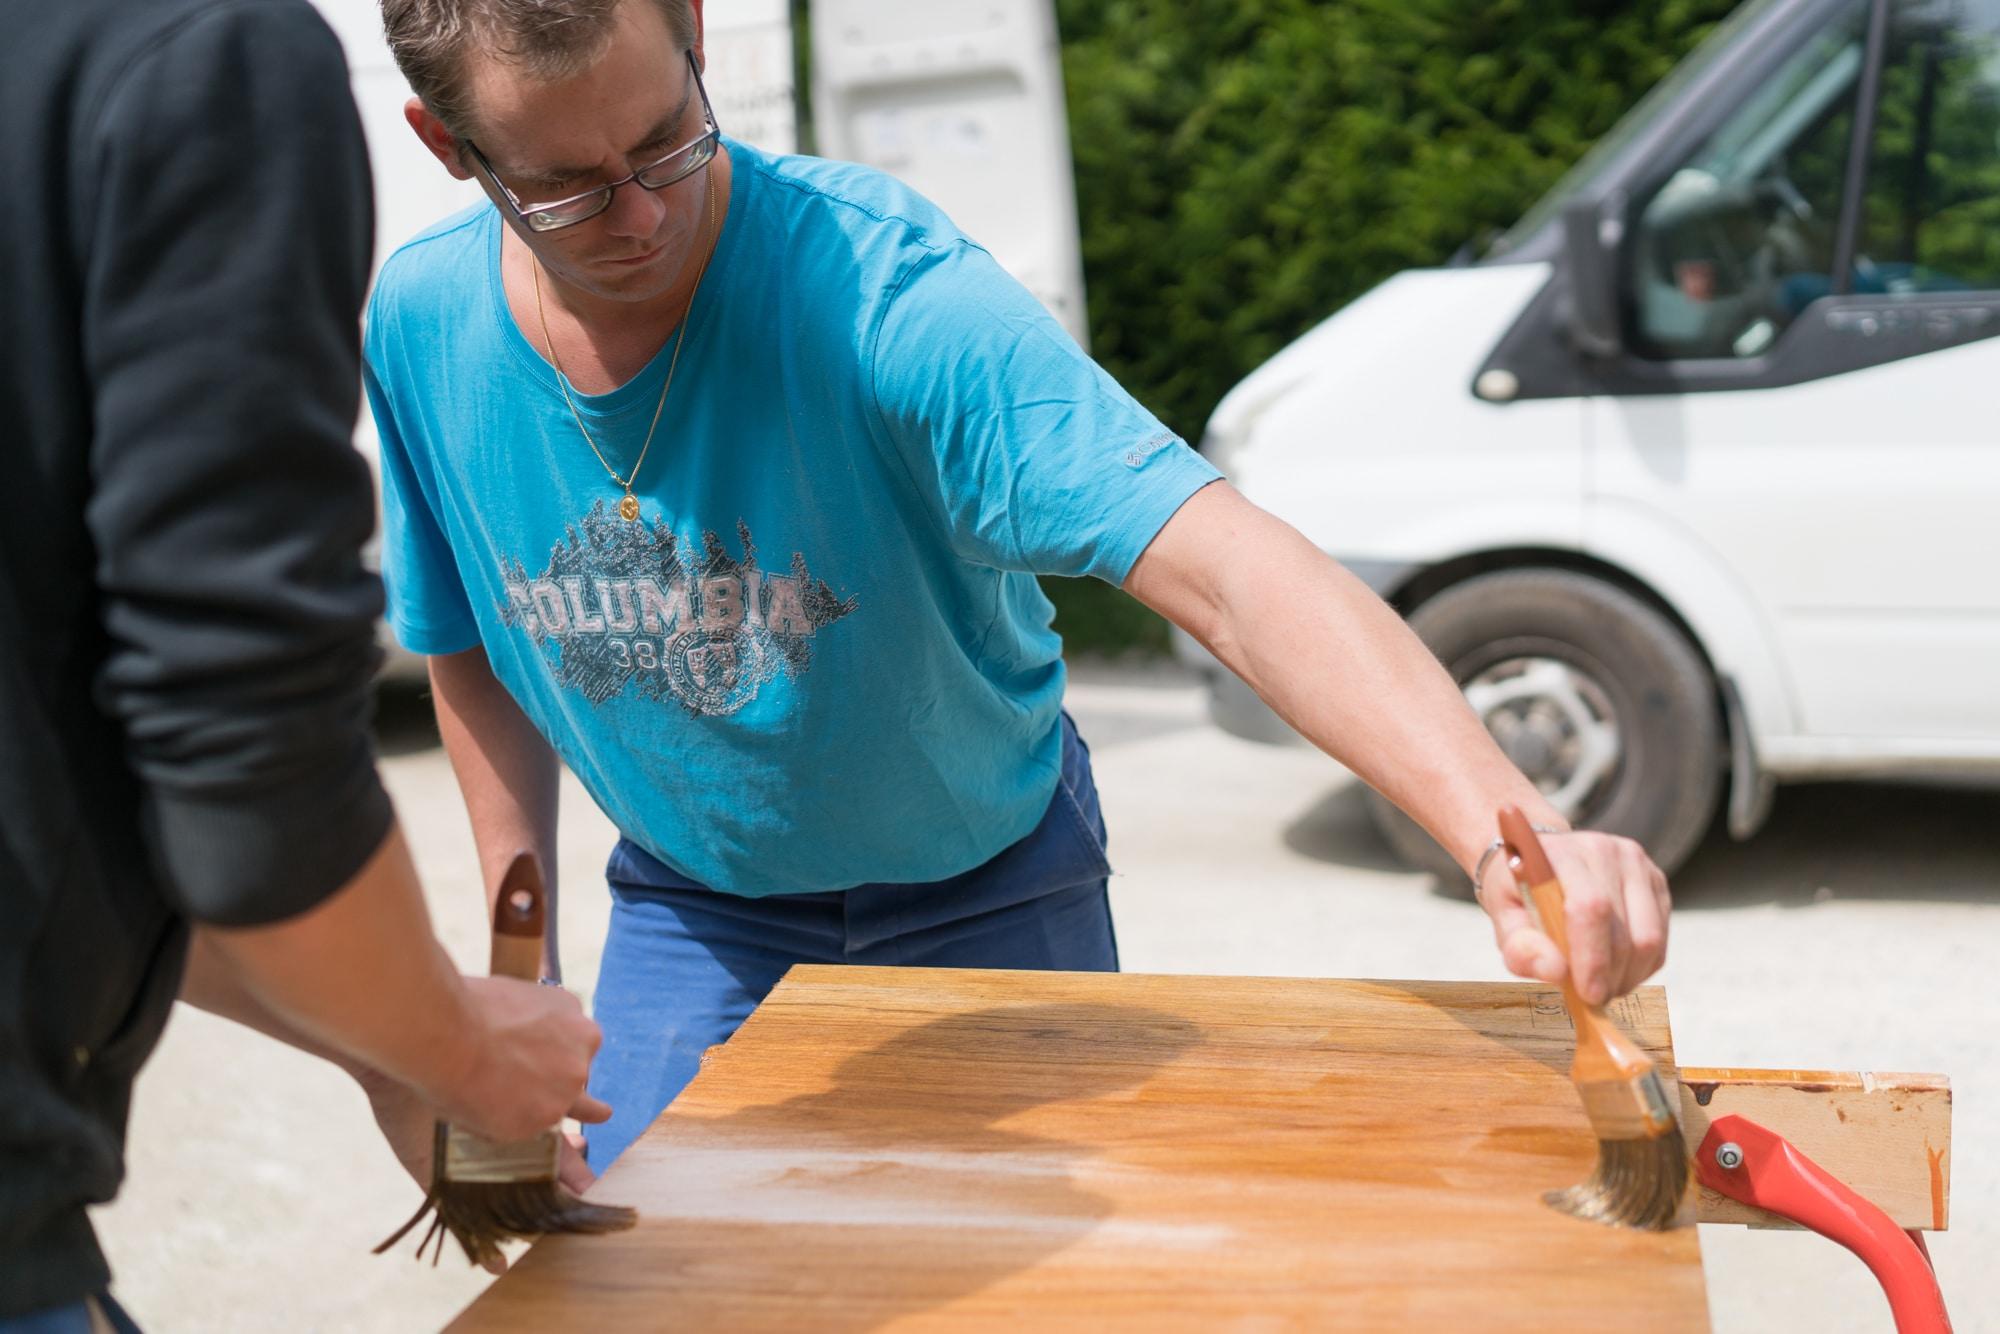 Edouard, à l'extérieur, passe une couche de vernis sur une découpe de bois à l'aide d'un pinceau